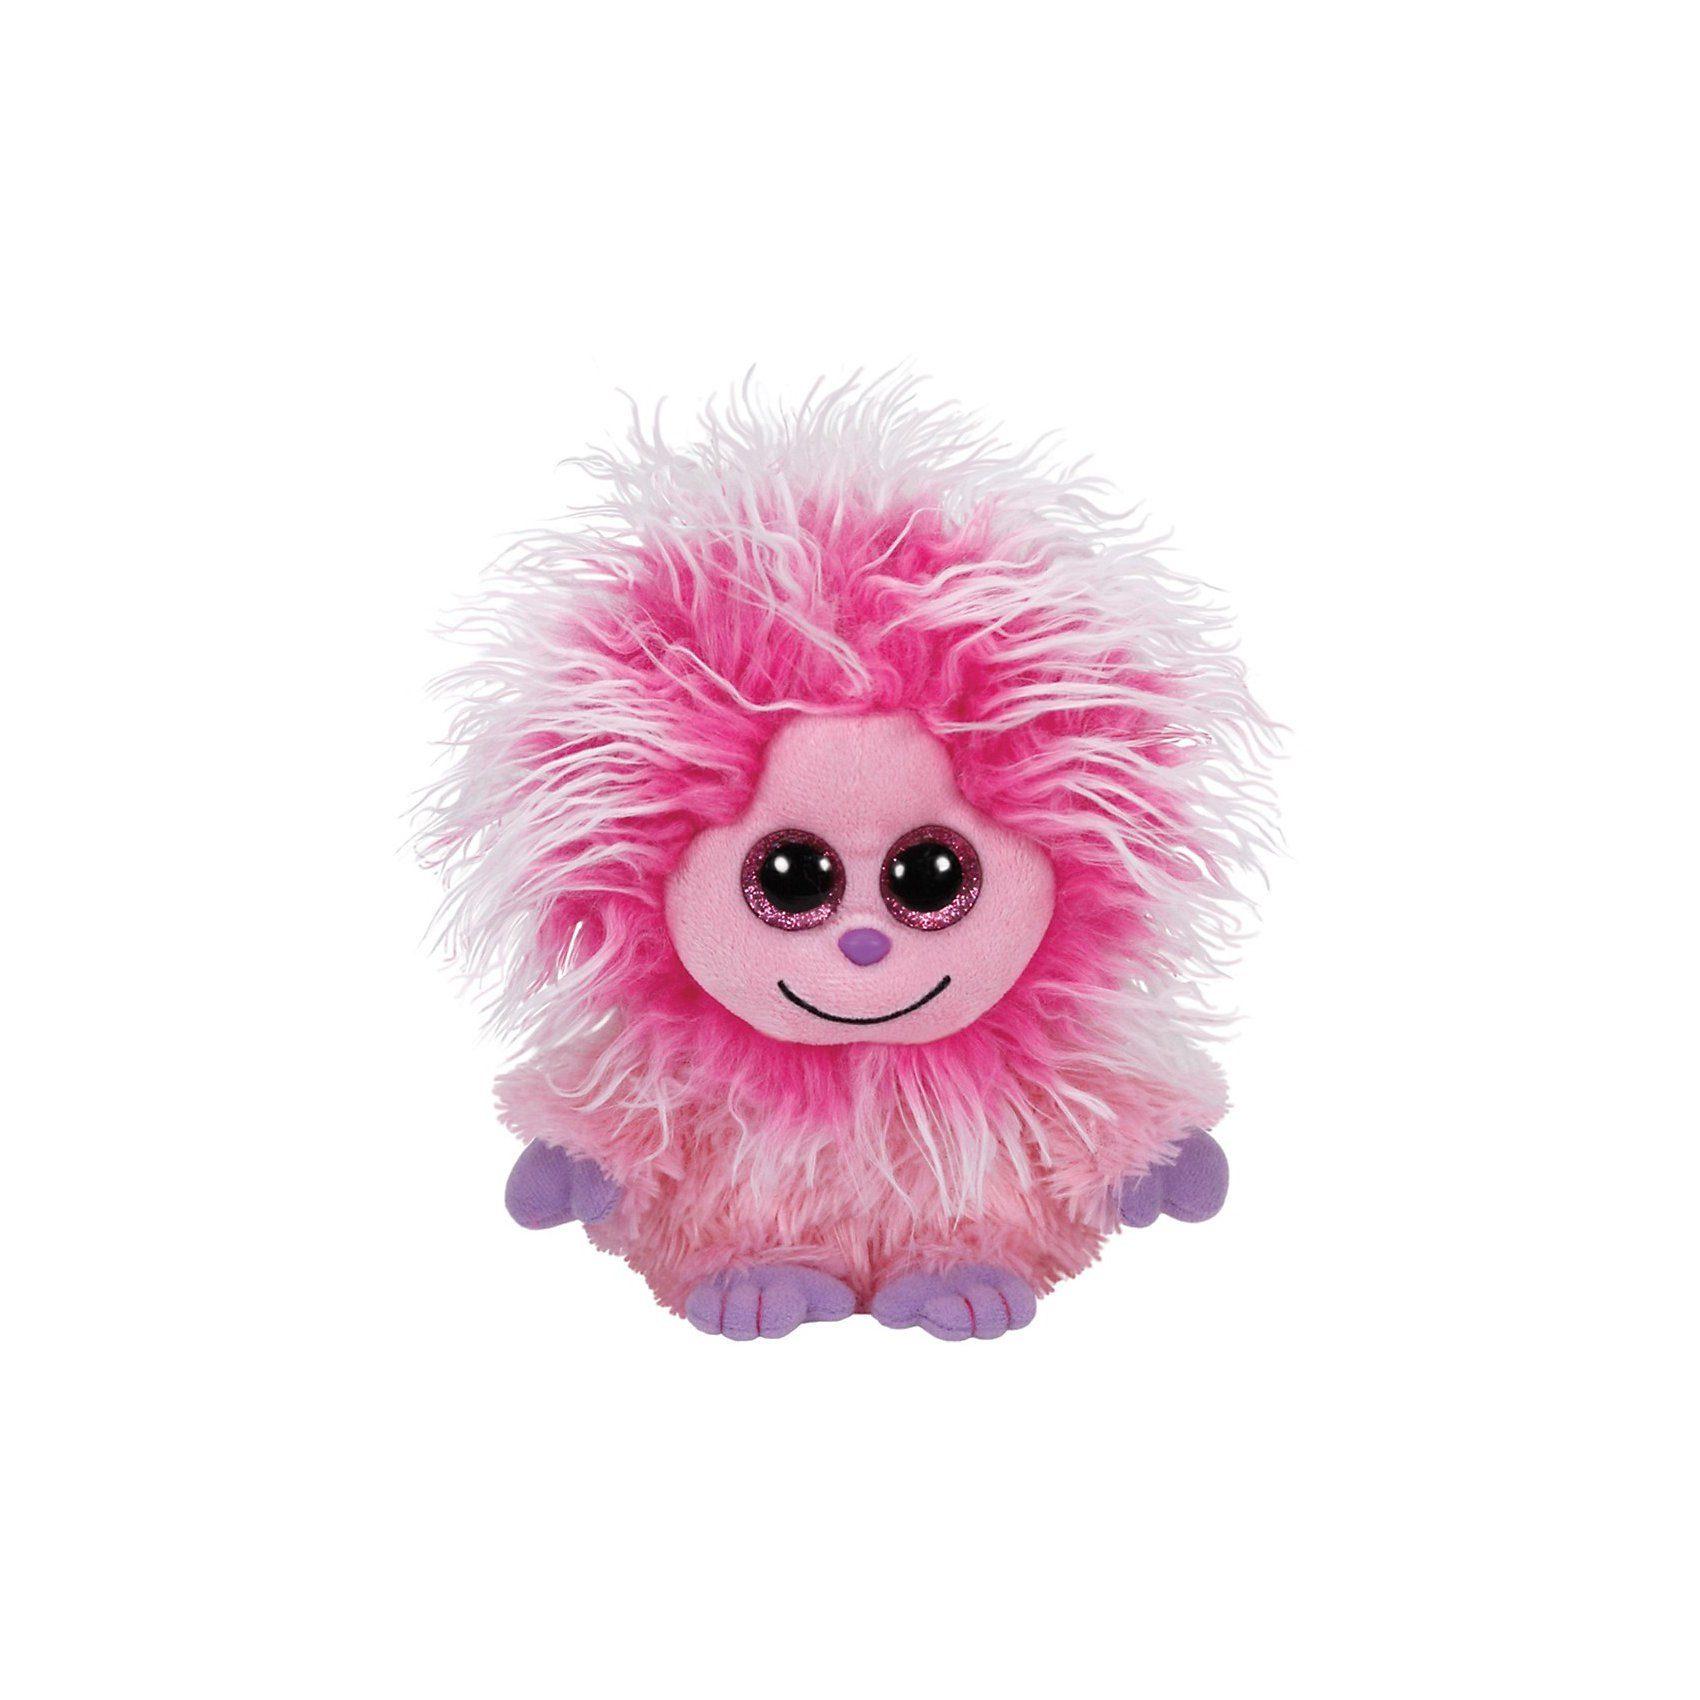 Ty Frizzy pinker Kink , 15cm